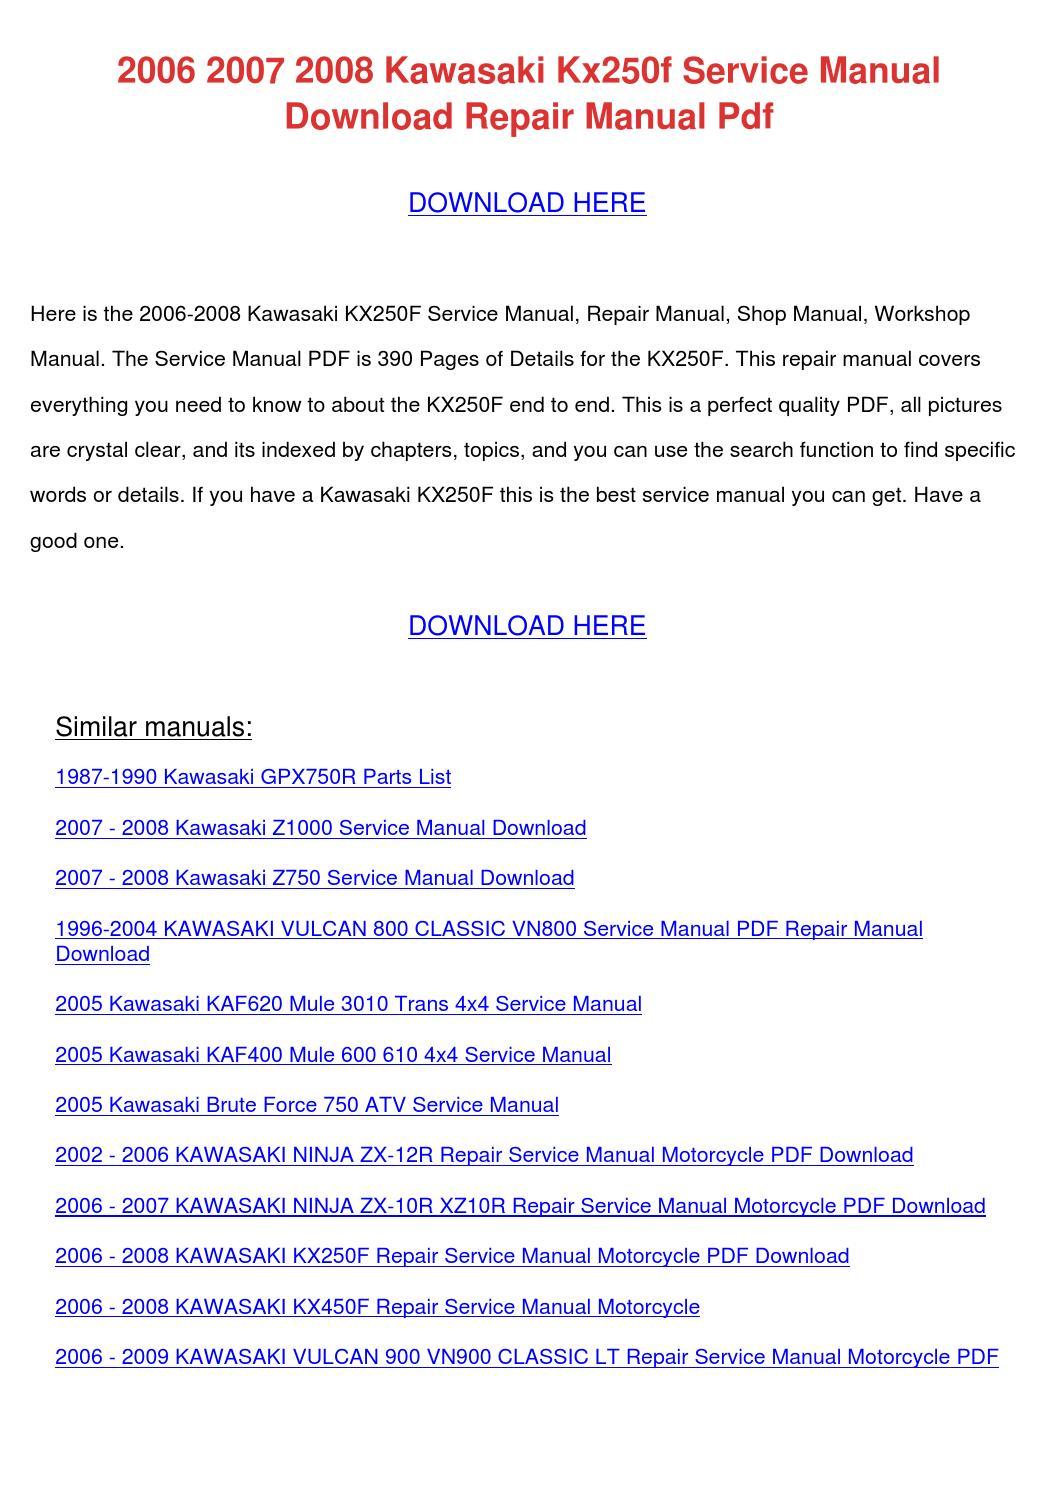 2006 2007 2008 Kawasaki Kx250f Service Manual by LaceyKnott - issuu